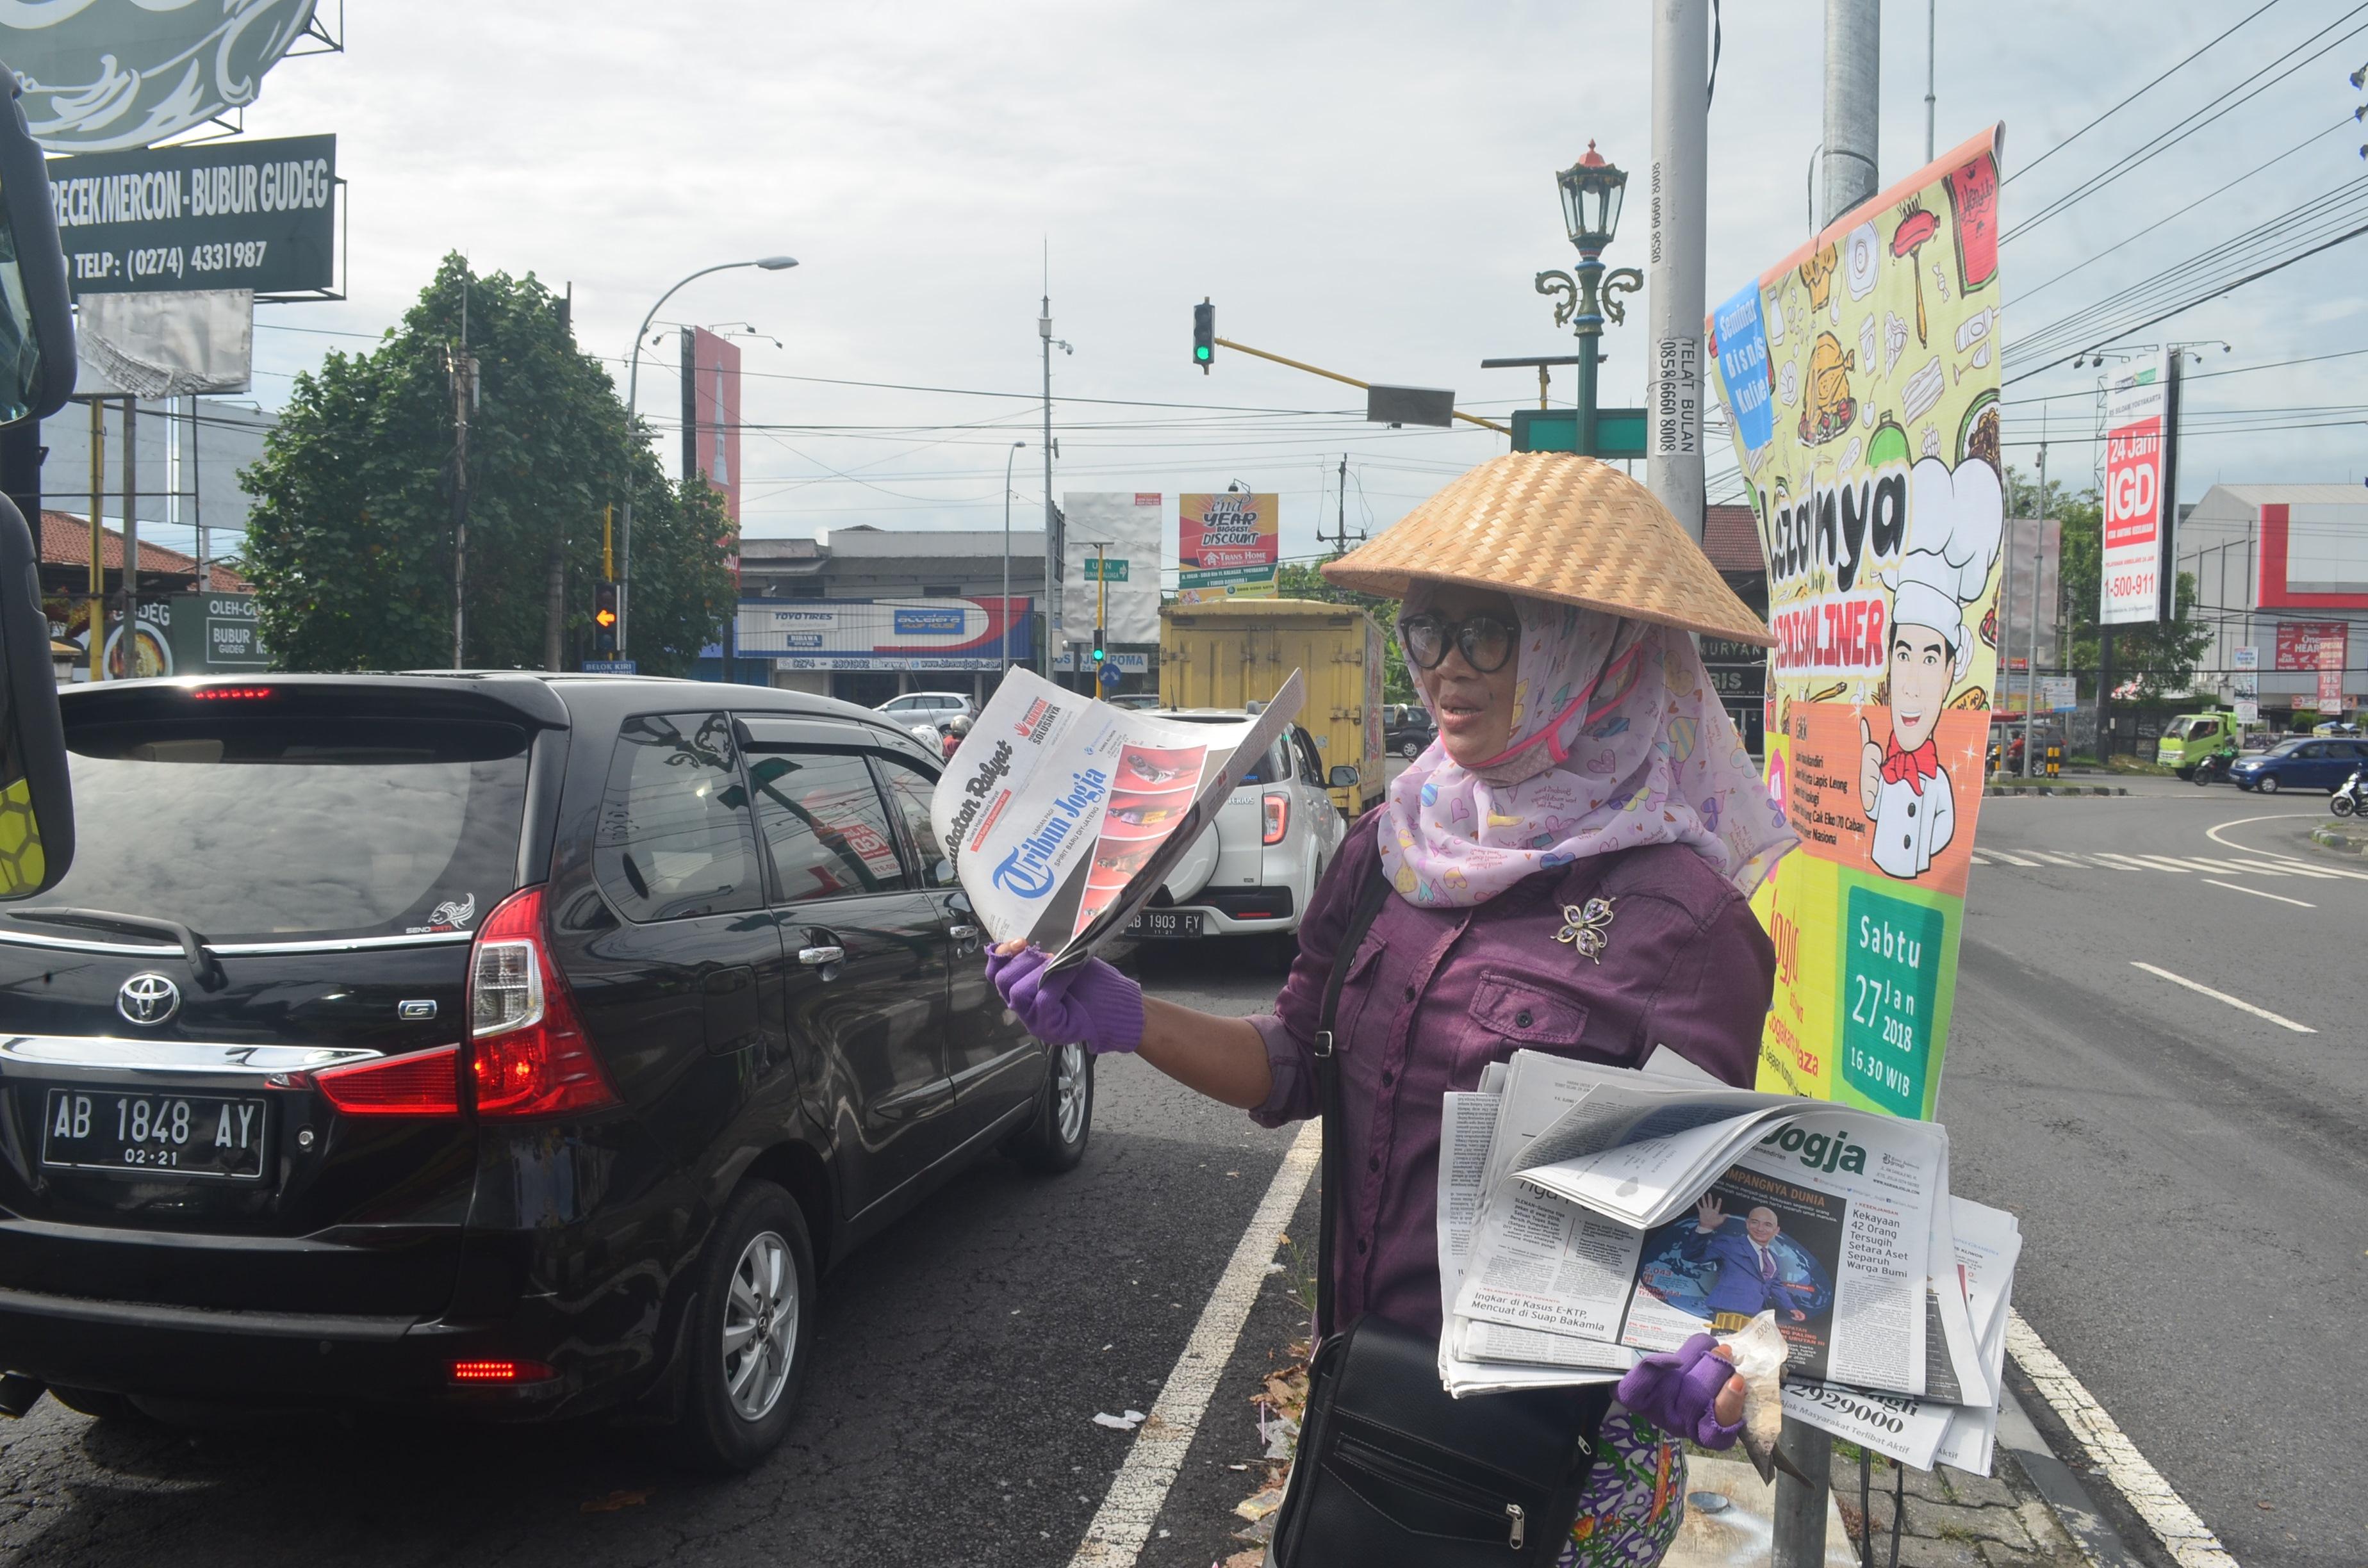 Kisah Hani, pengasong koran tampil modis usai dihina pengguna jalan